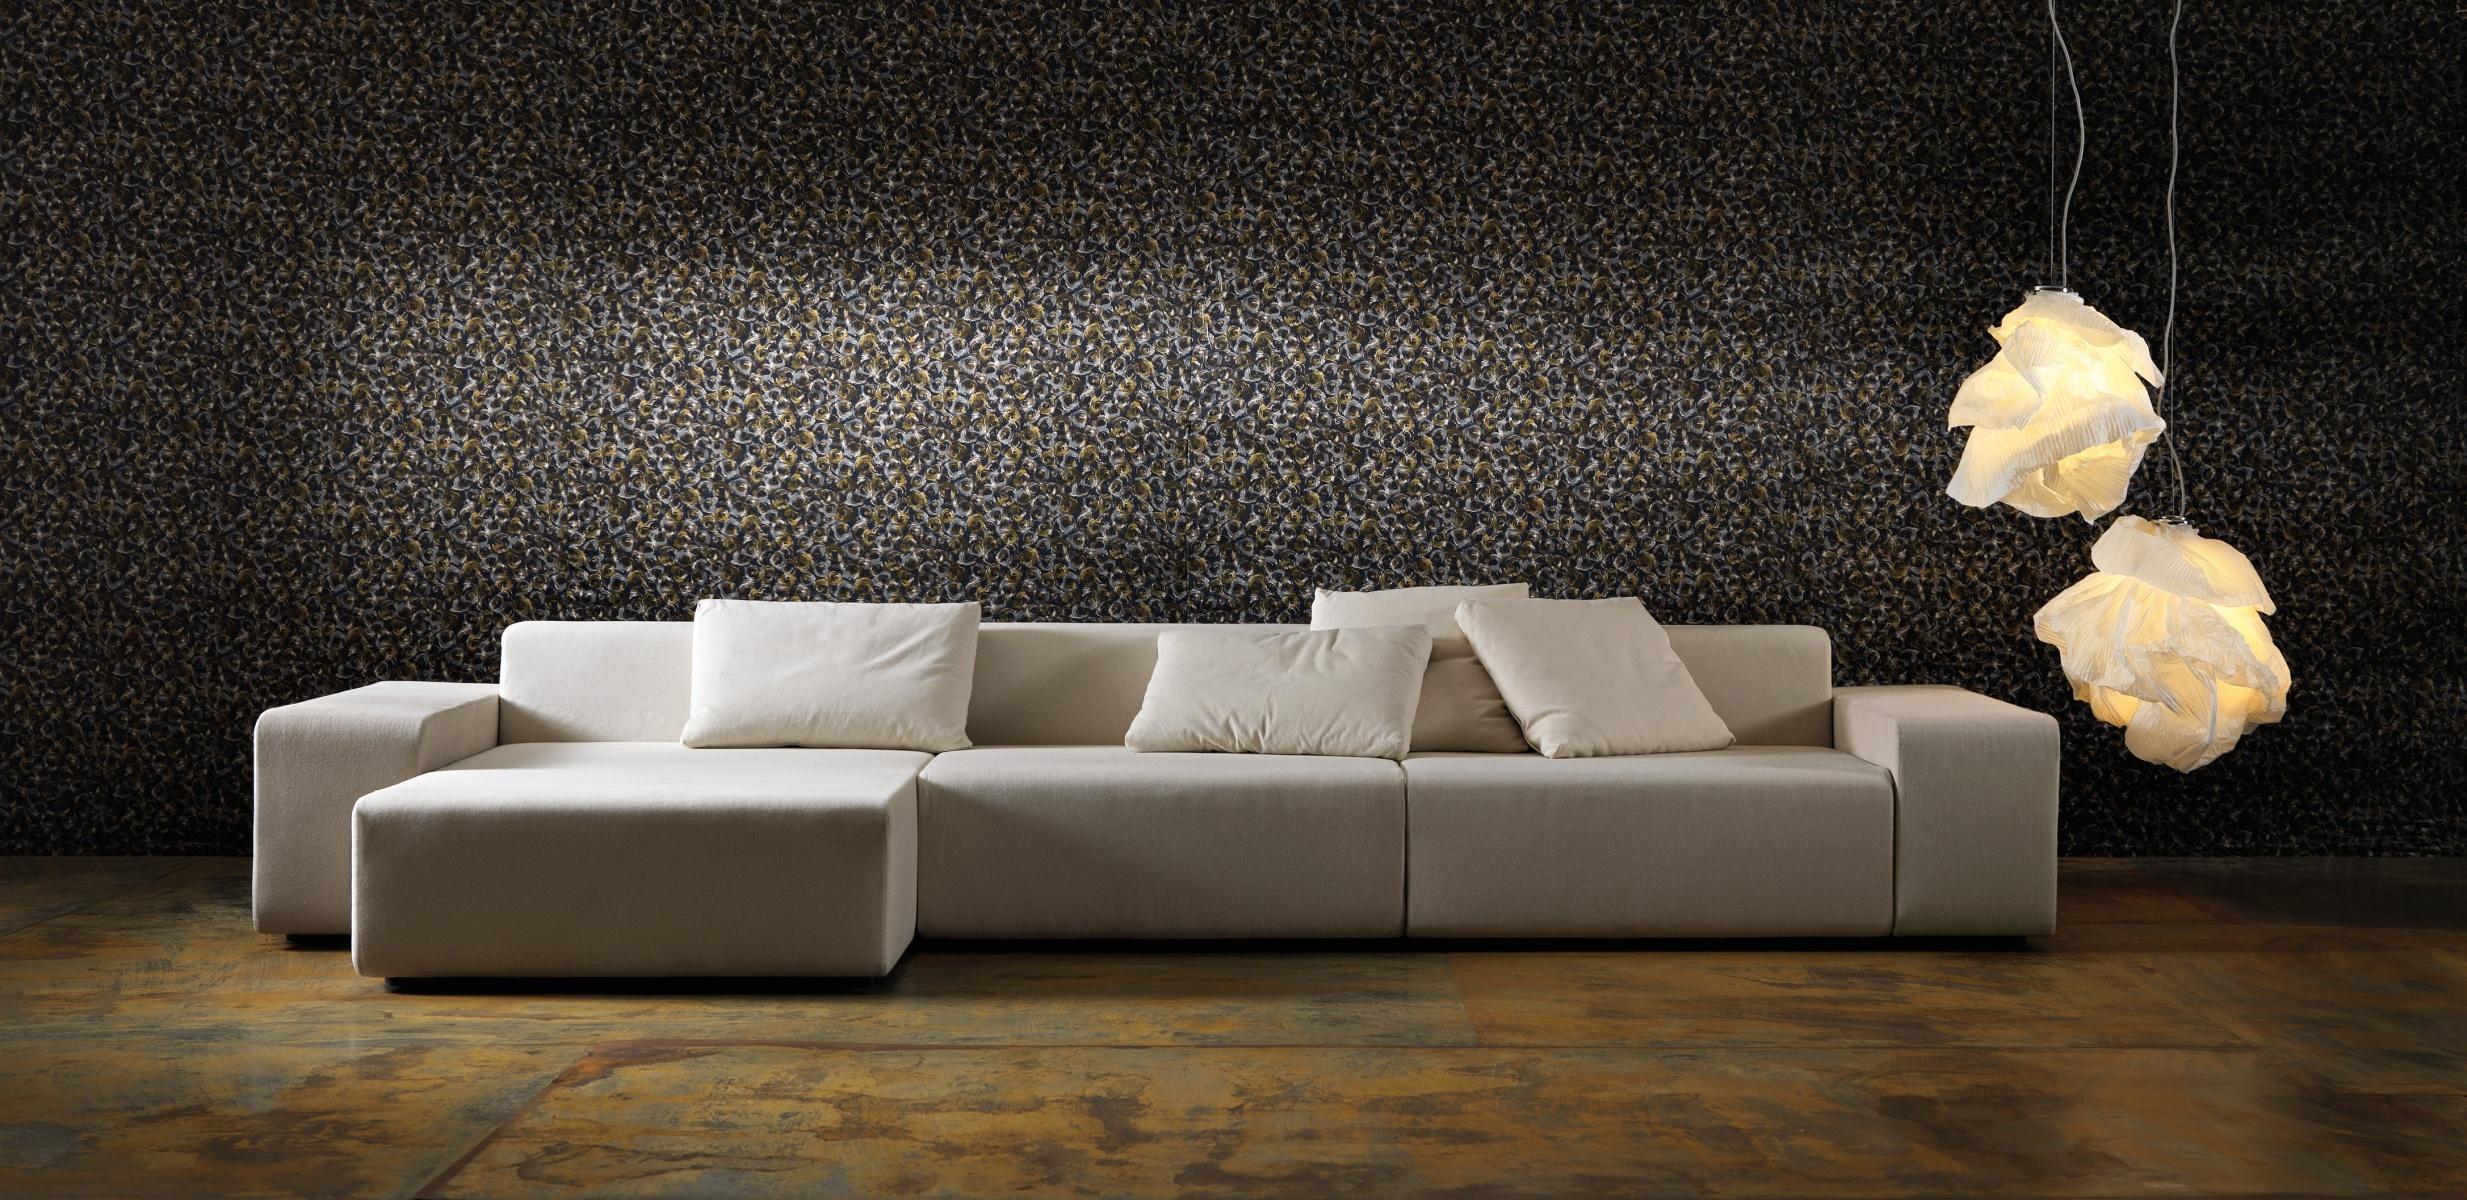 Doimo sofas - Divani letto doimo prezzi ...